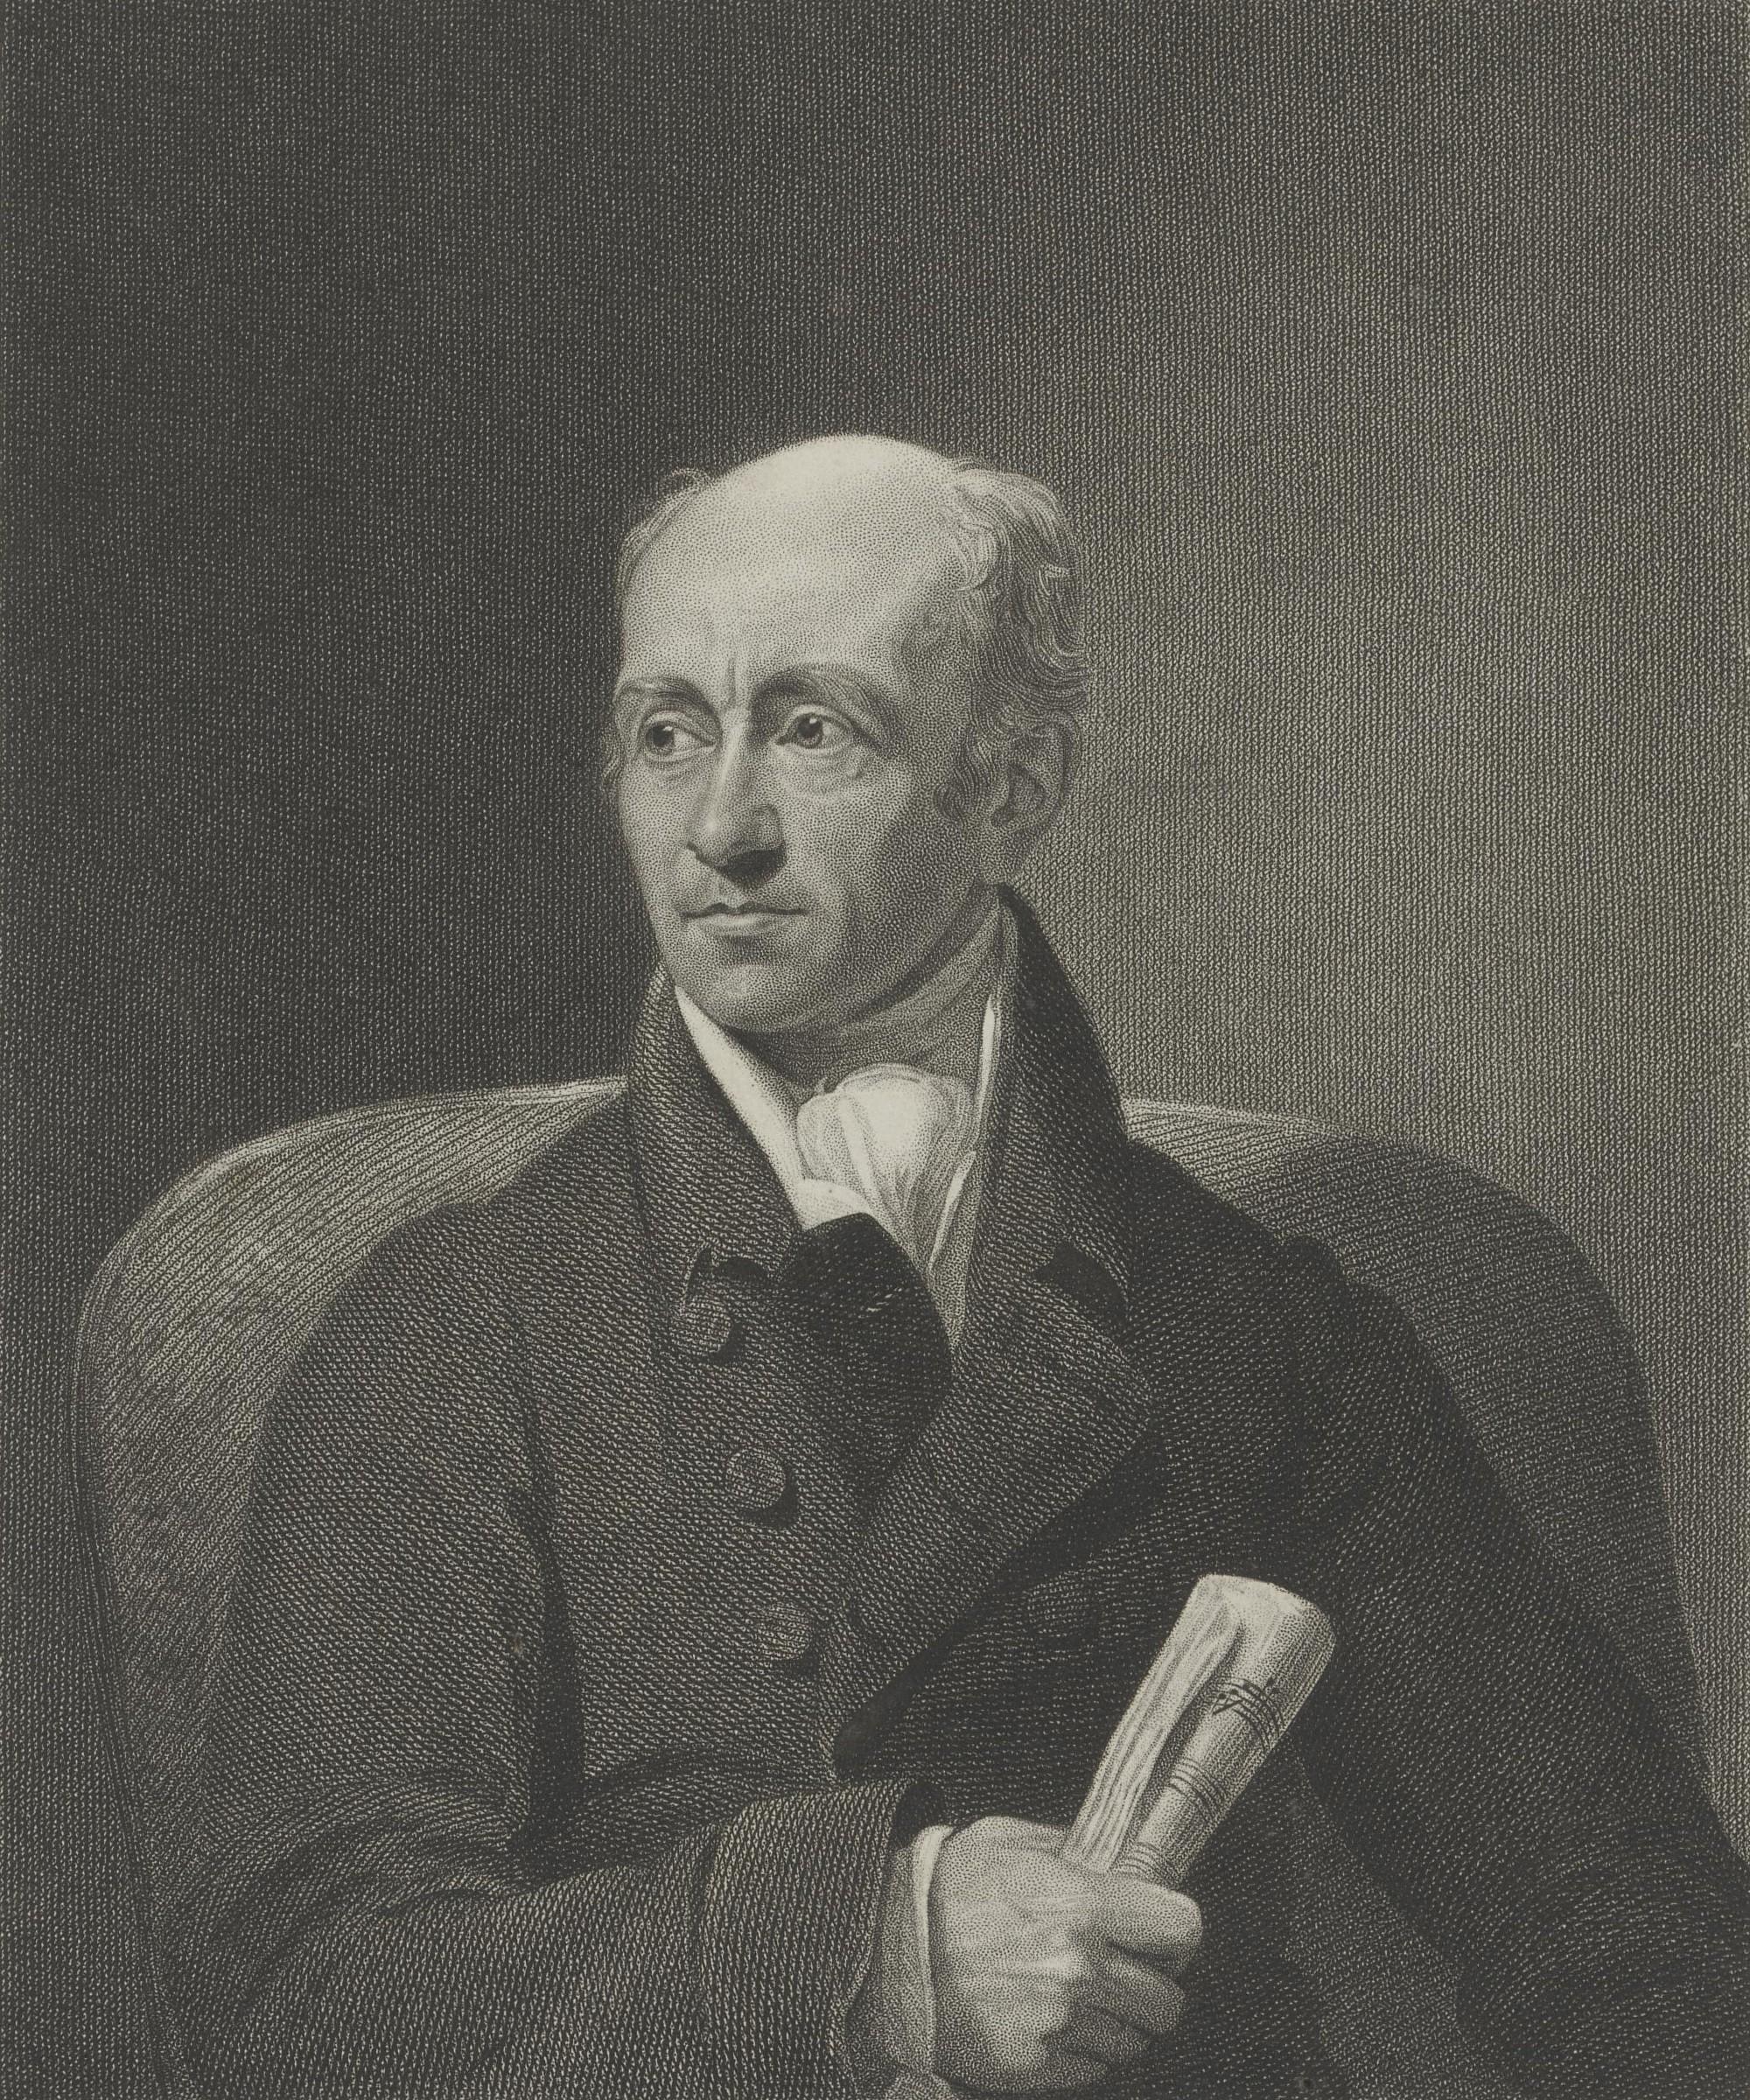 Muzio Clementi (1752 - 1832) ---------------- Sonatina Op. 36 n. 4